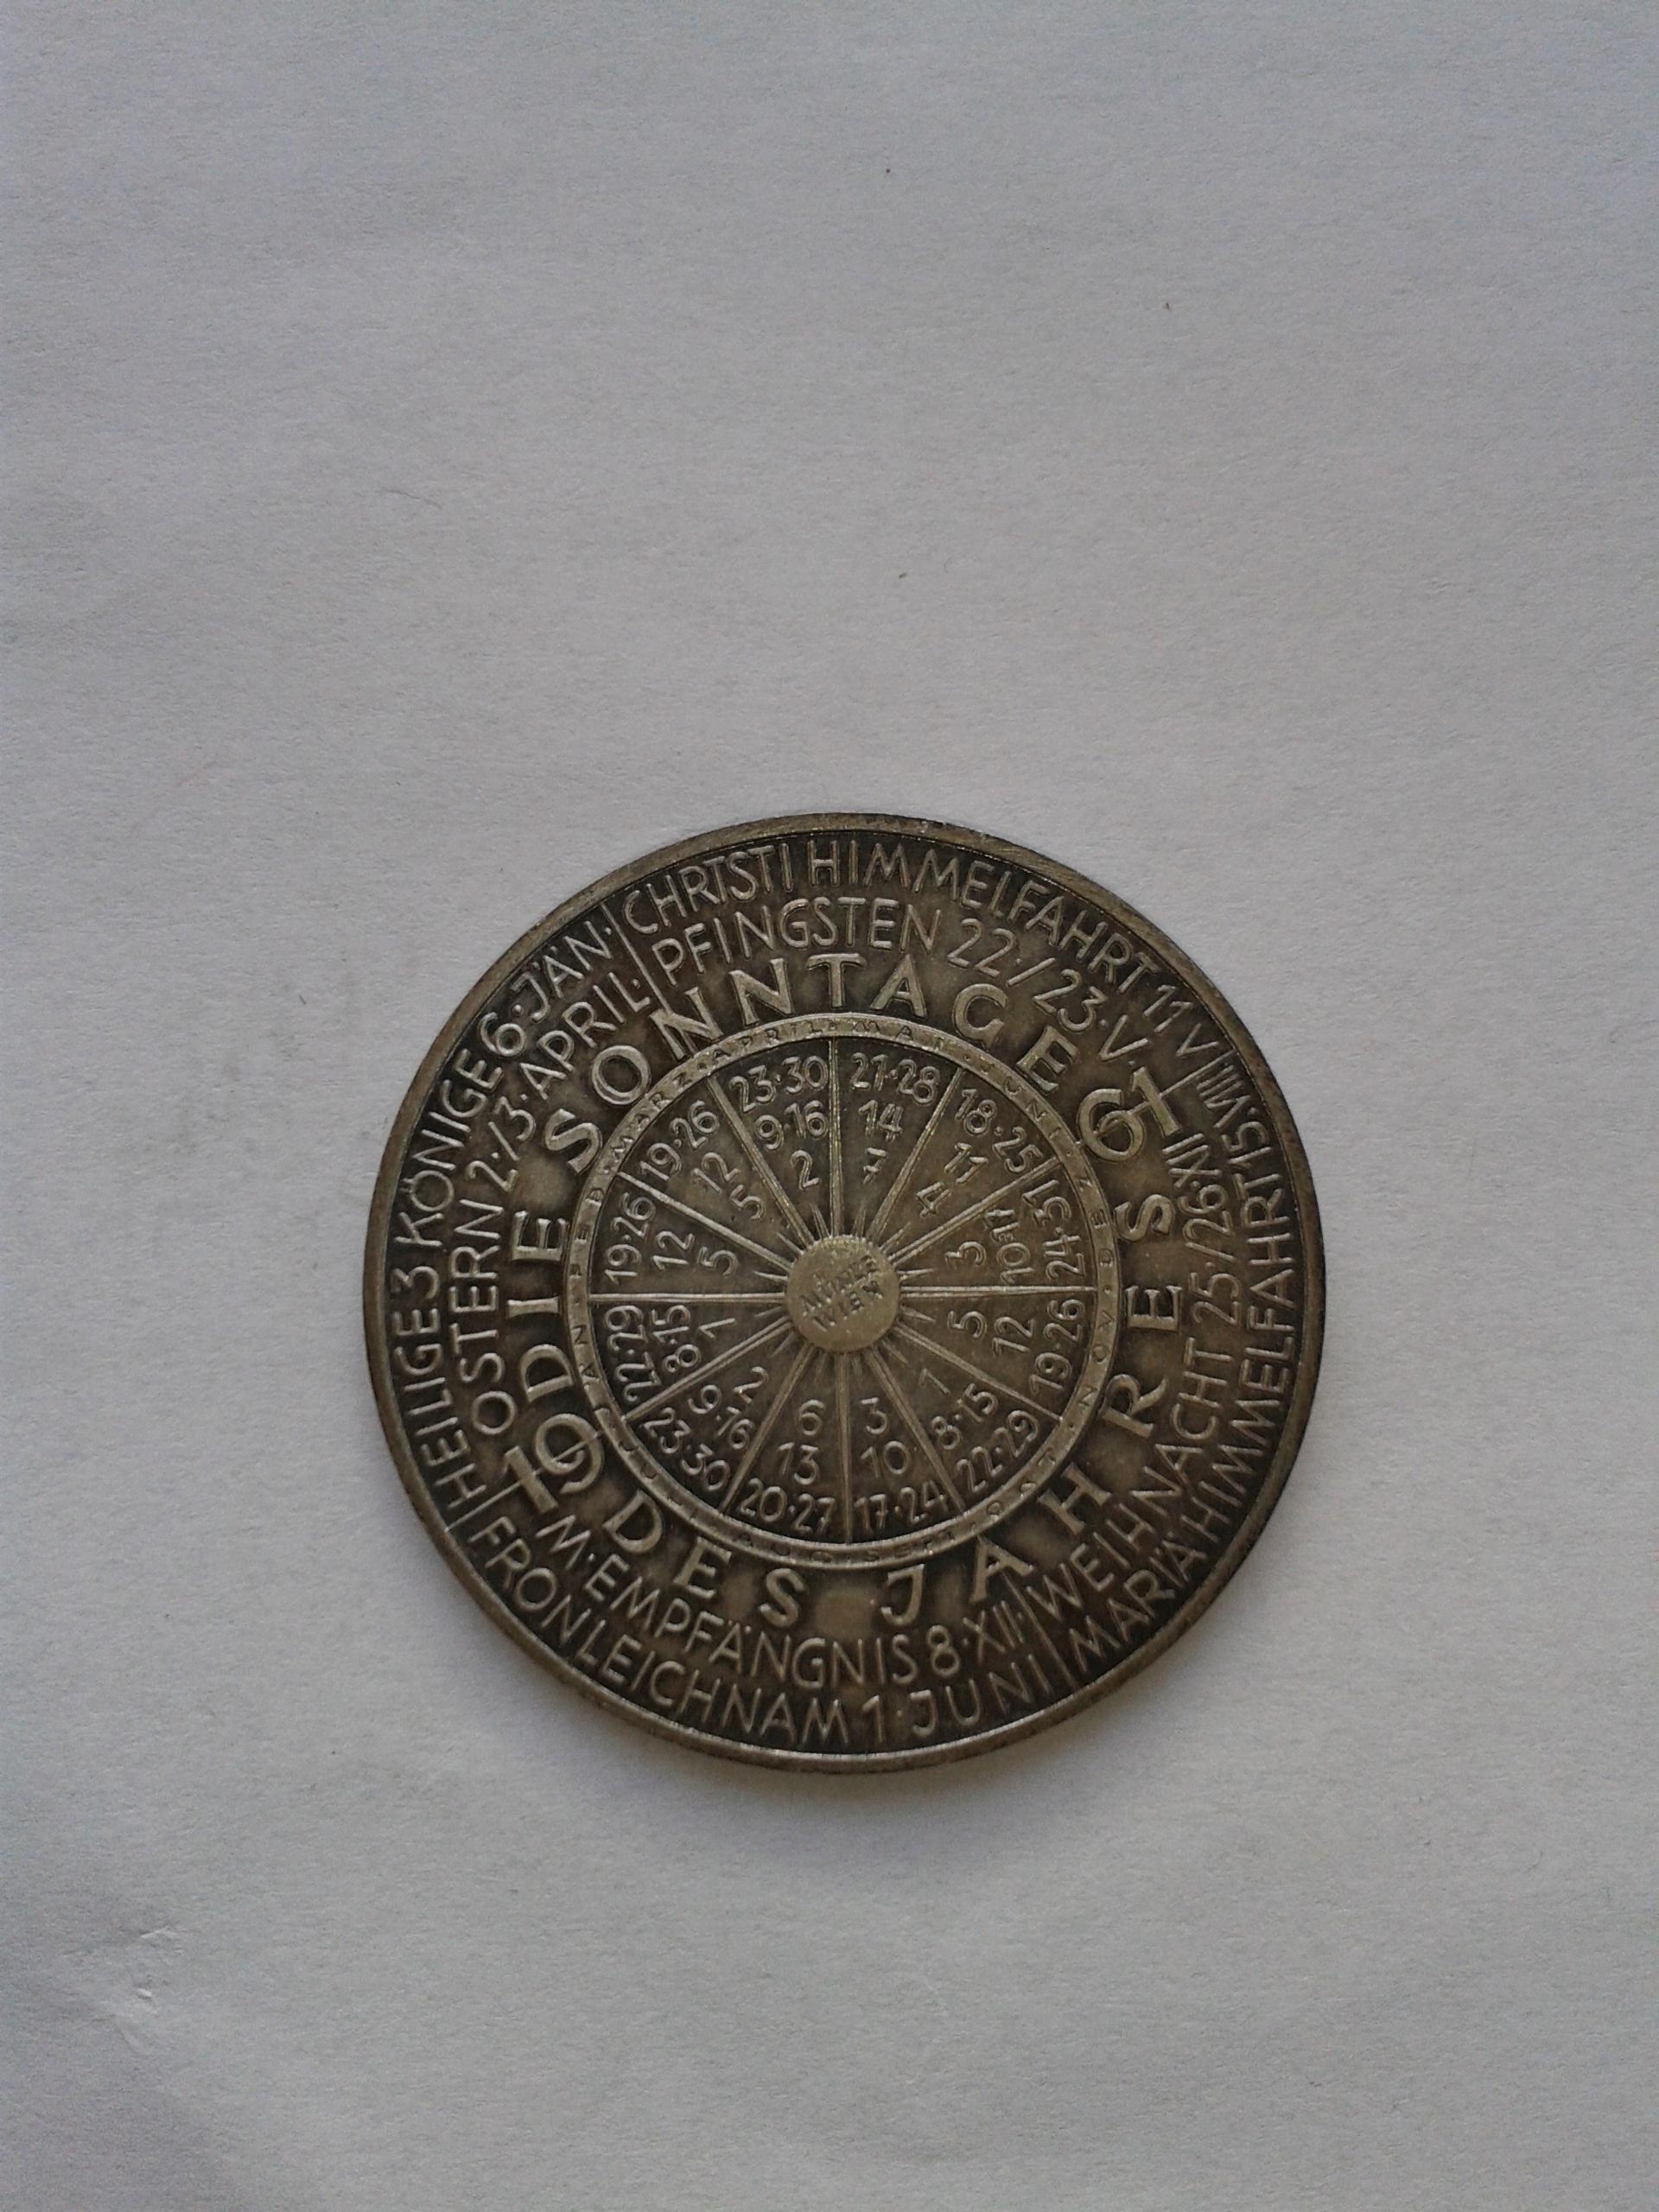 Austria 1961 kalendarz piękna moneta unikat medal